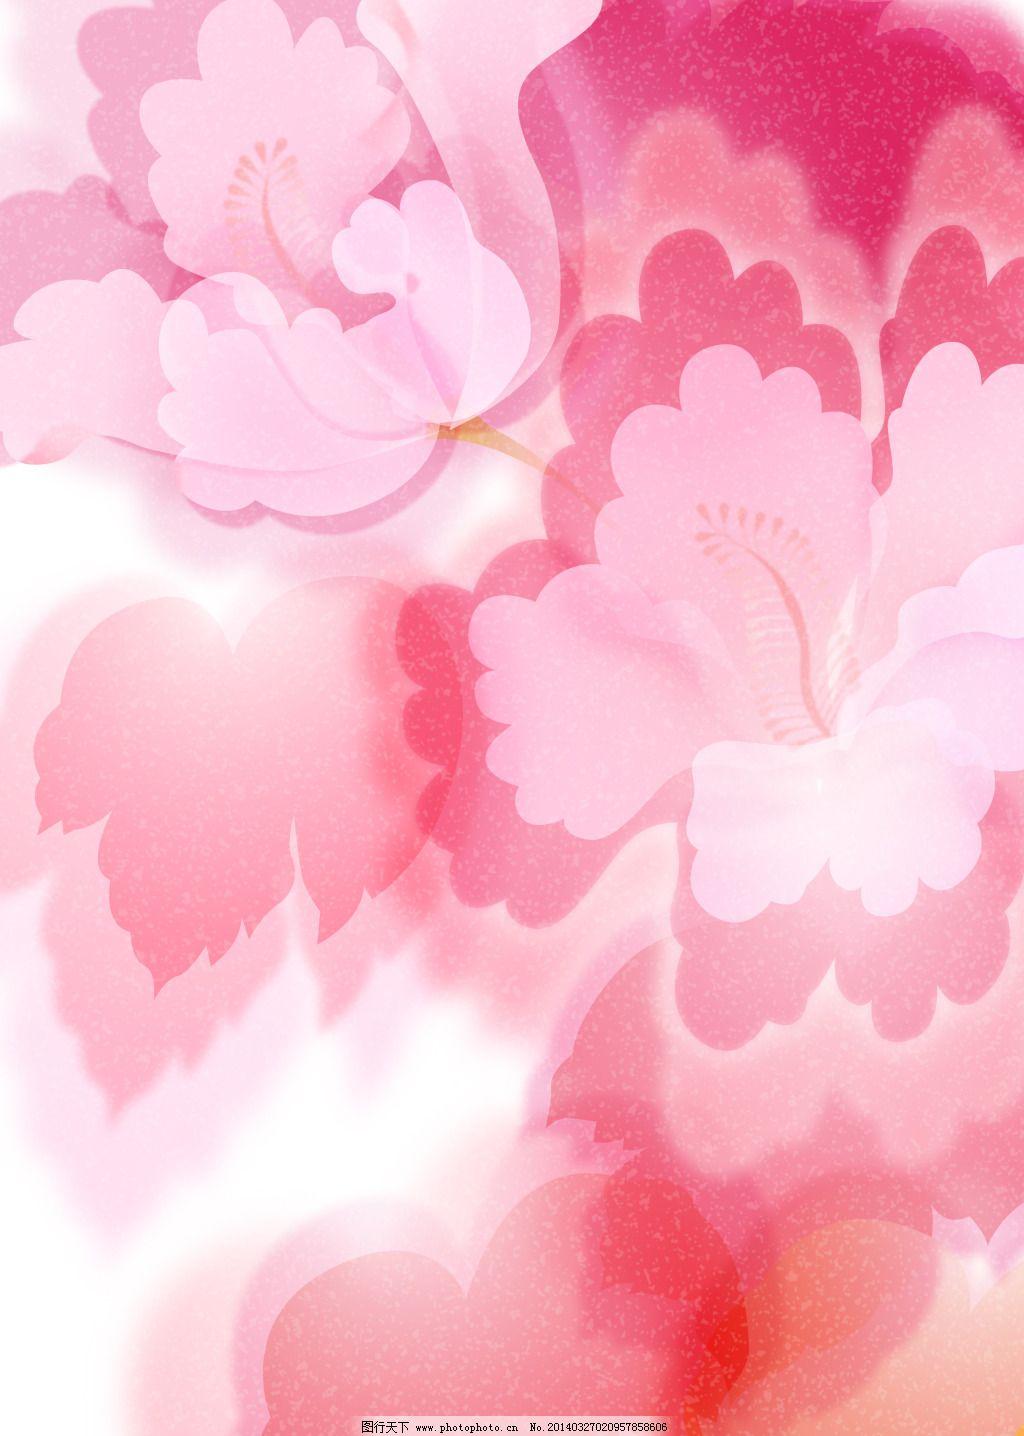 玫红色花瓣叠加背景图免费下载 版面设计背景 版式 花瓣 玫红 模板